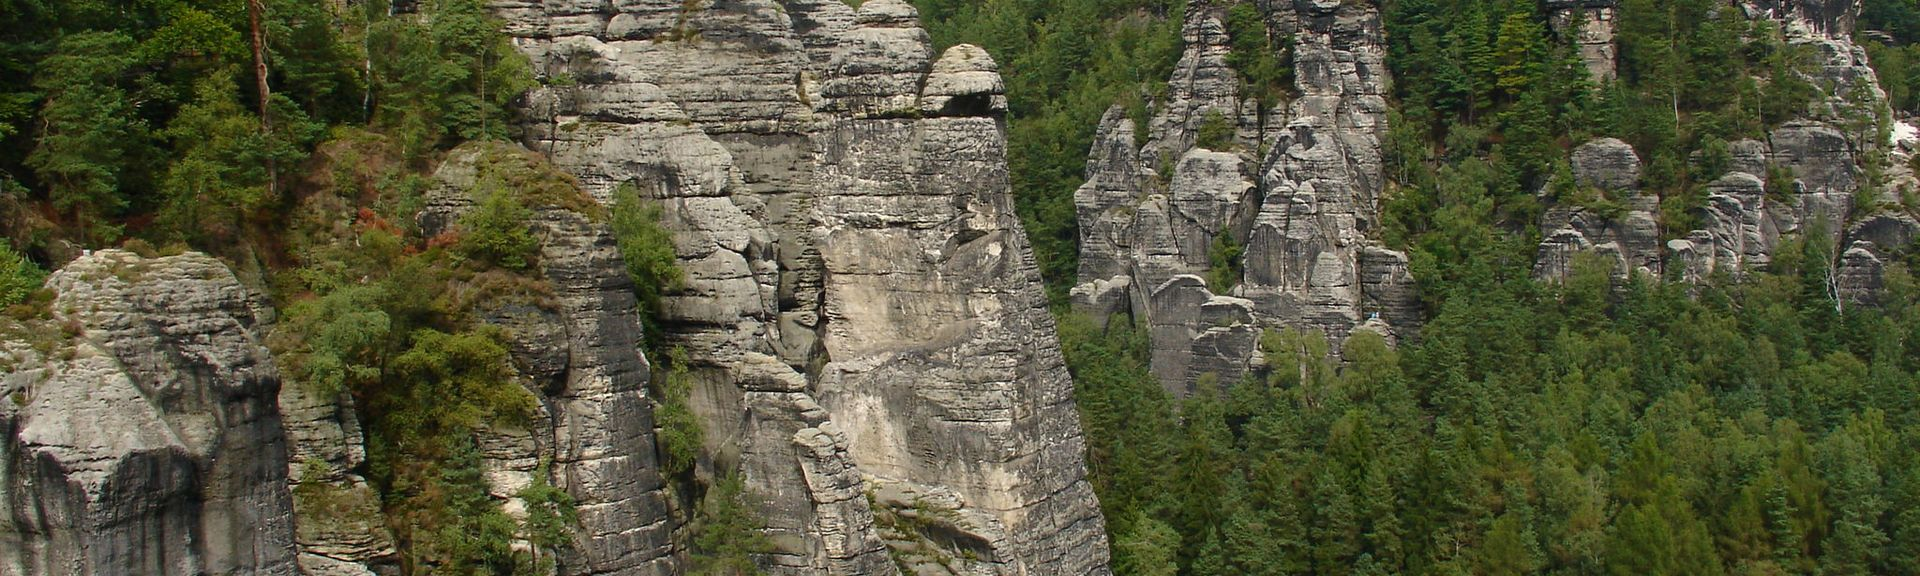 Kurort Rathen, Rathen, Saxony, Germany